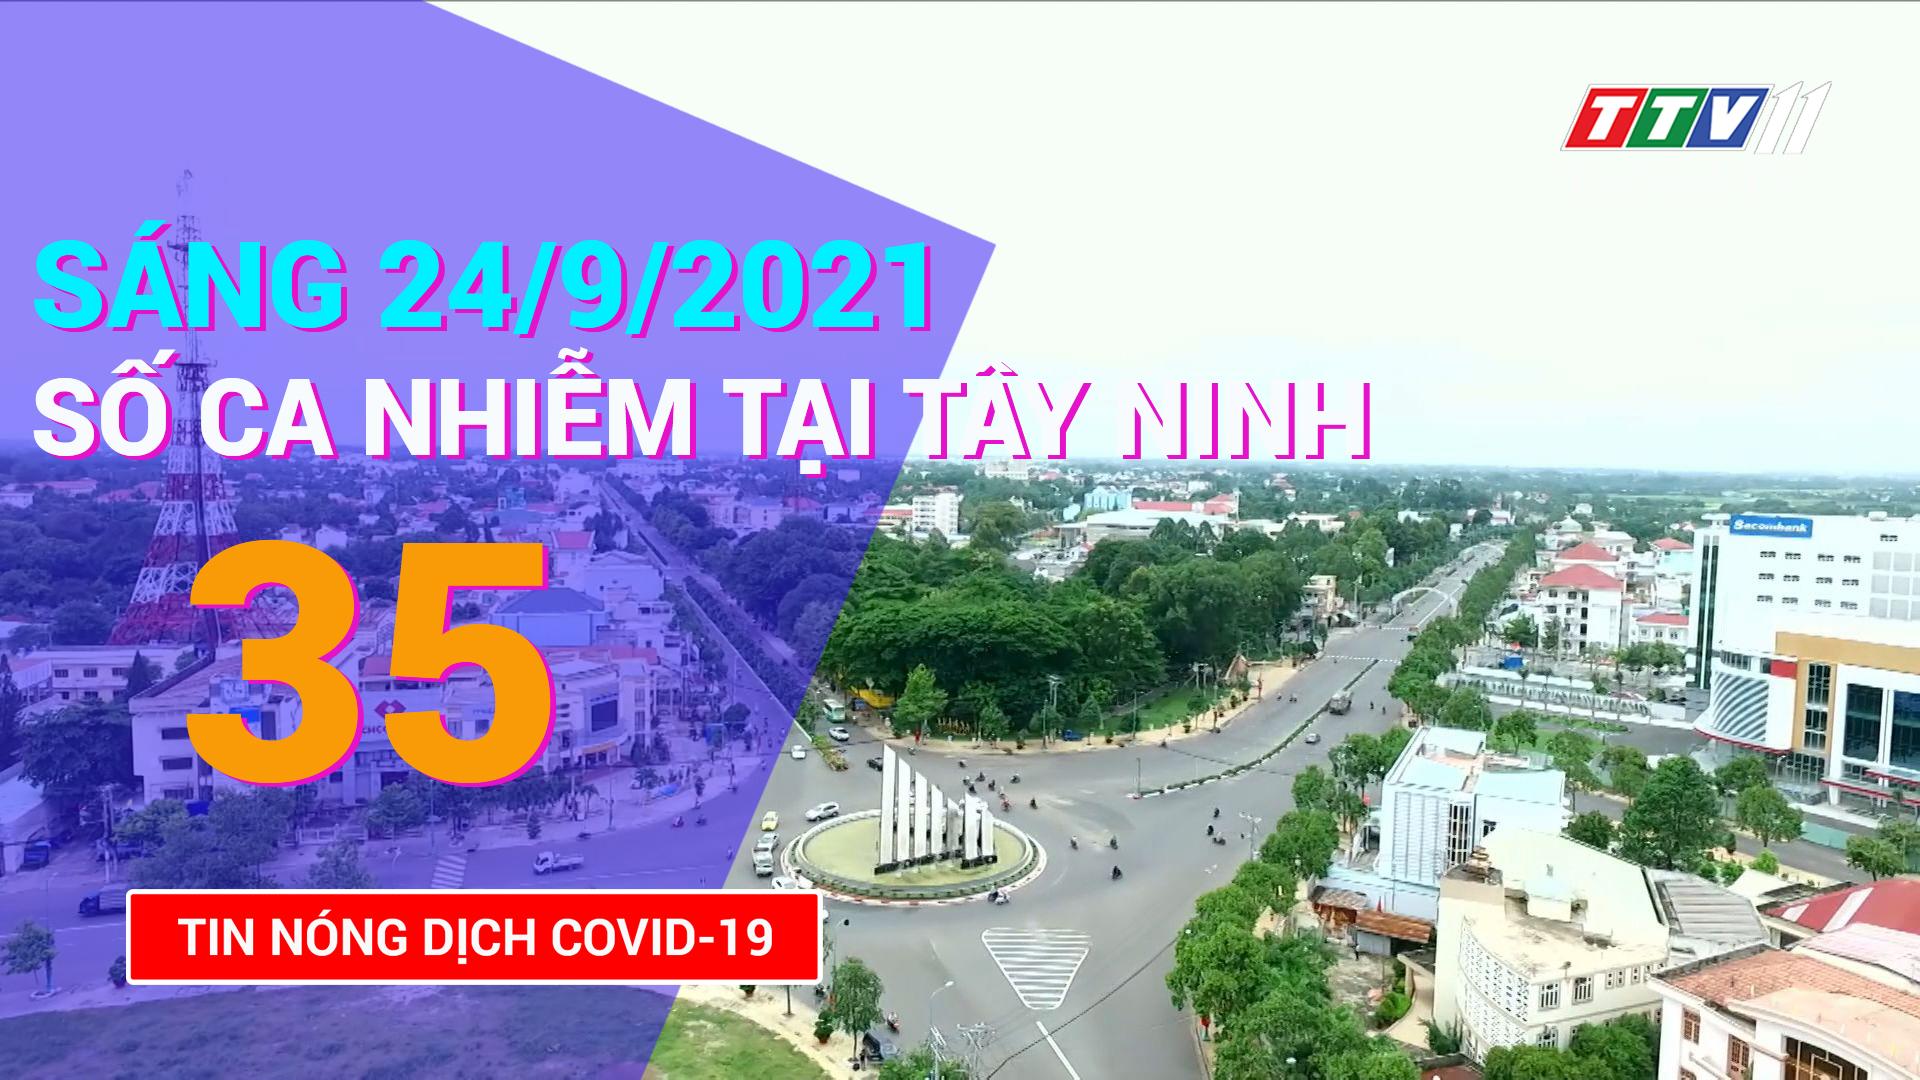 Tin tức Covid-19 sáng 24/9/2021 | TayNinhTV